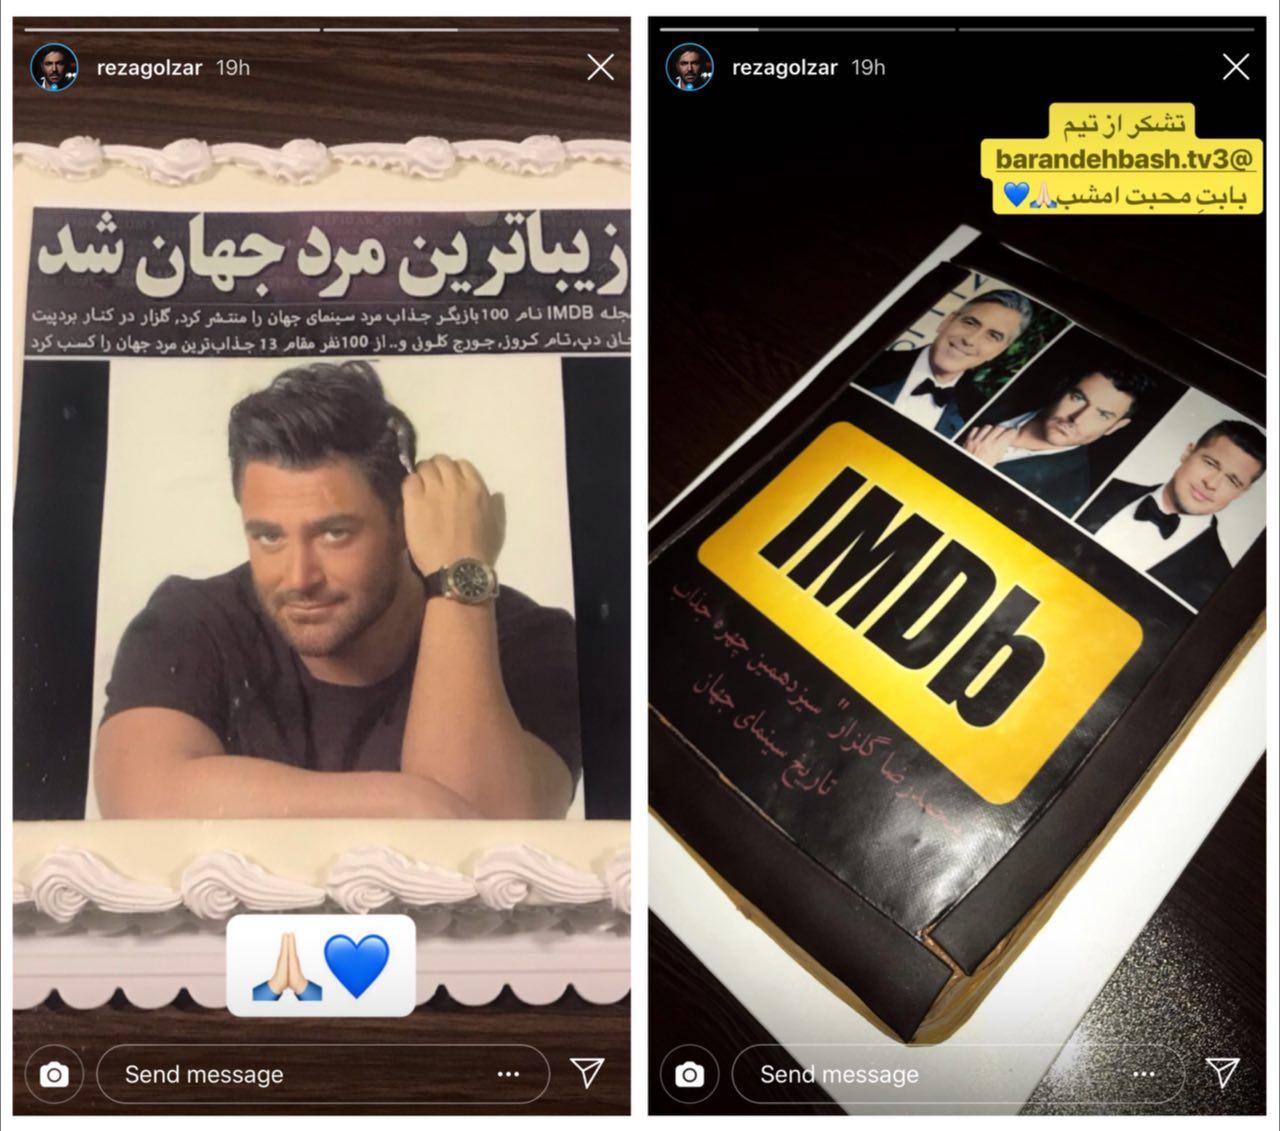 کیکهای هدیه برای سیزدهمین مرد زیبای جهان! +عکس